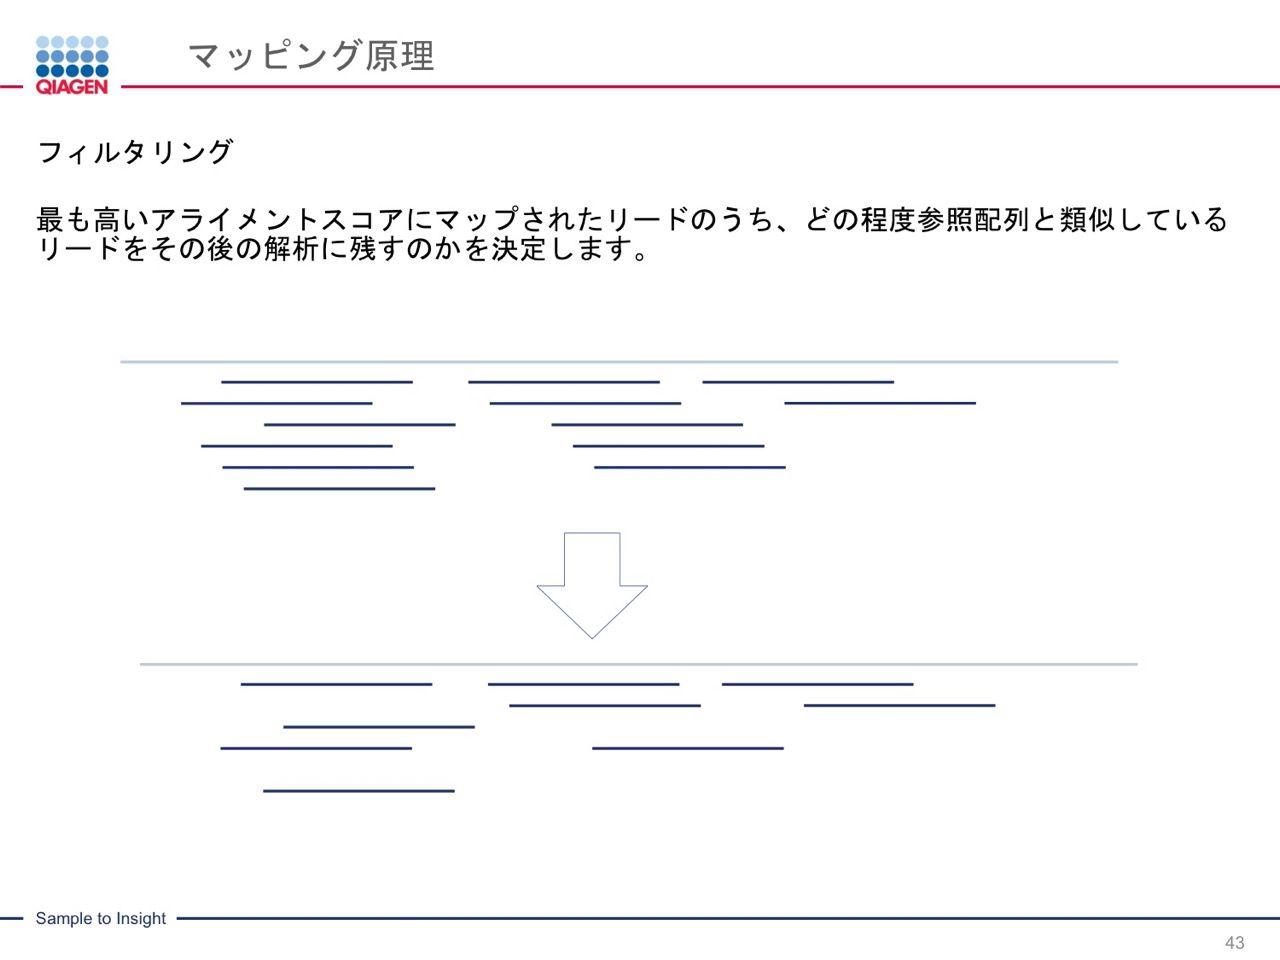 images/AJACSa2_miyamoto_043.jpg